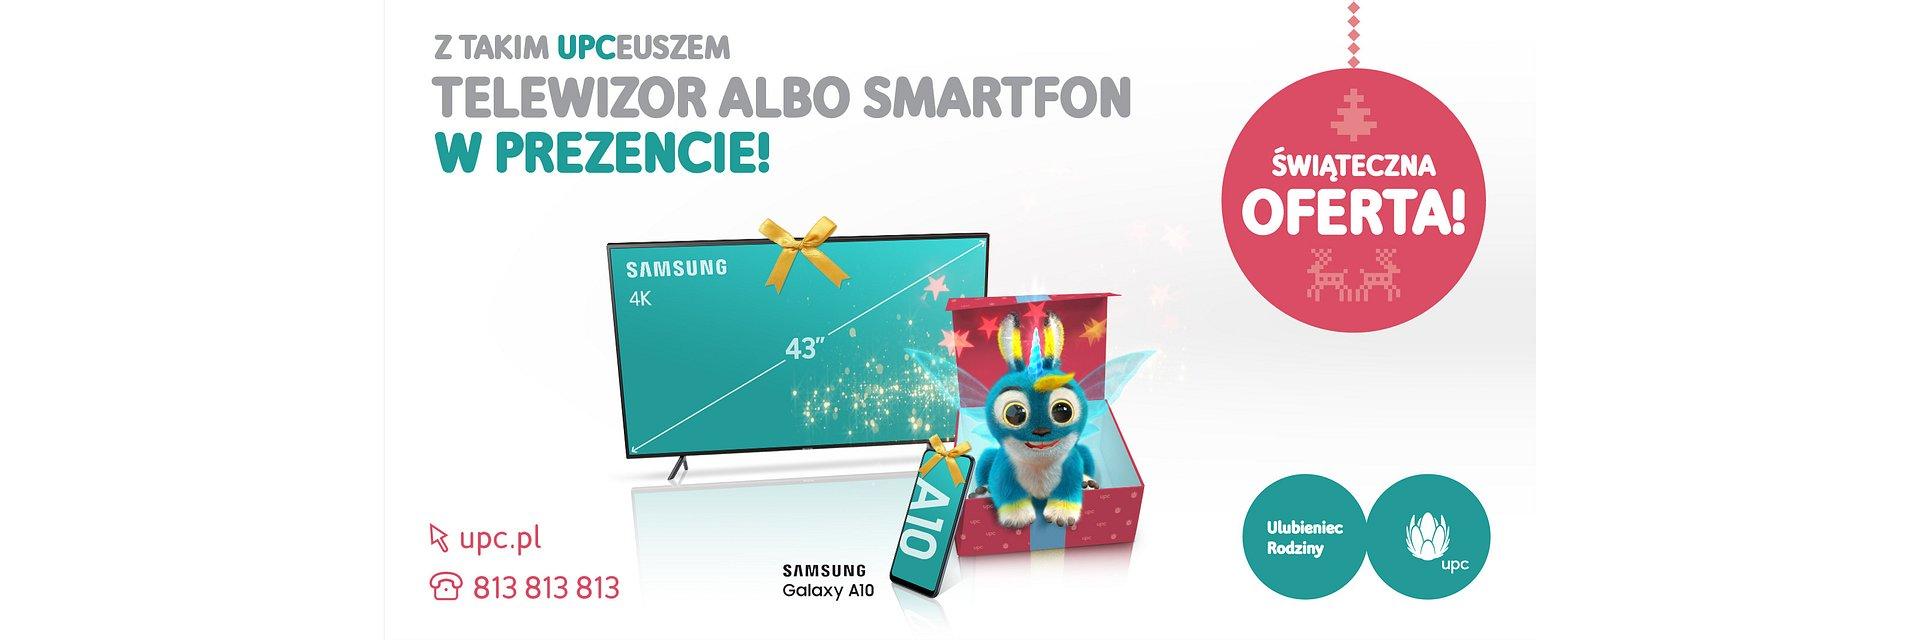 Specjalna oferta świąteczna od UPC Polska. UPCeusz oferuje super pakiety z telewizorami i smartfonami w prezencie